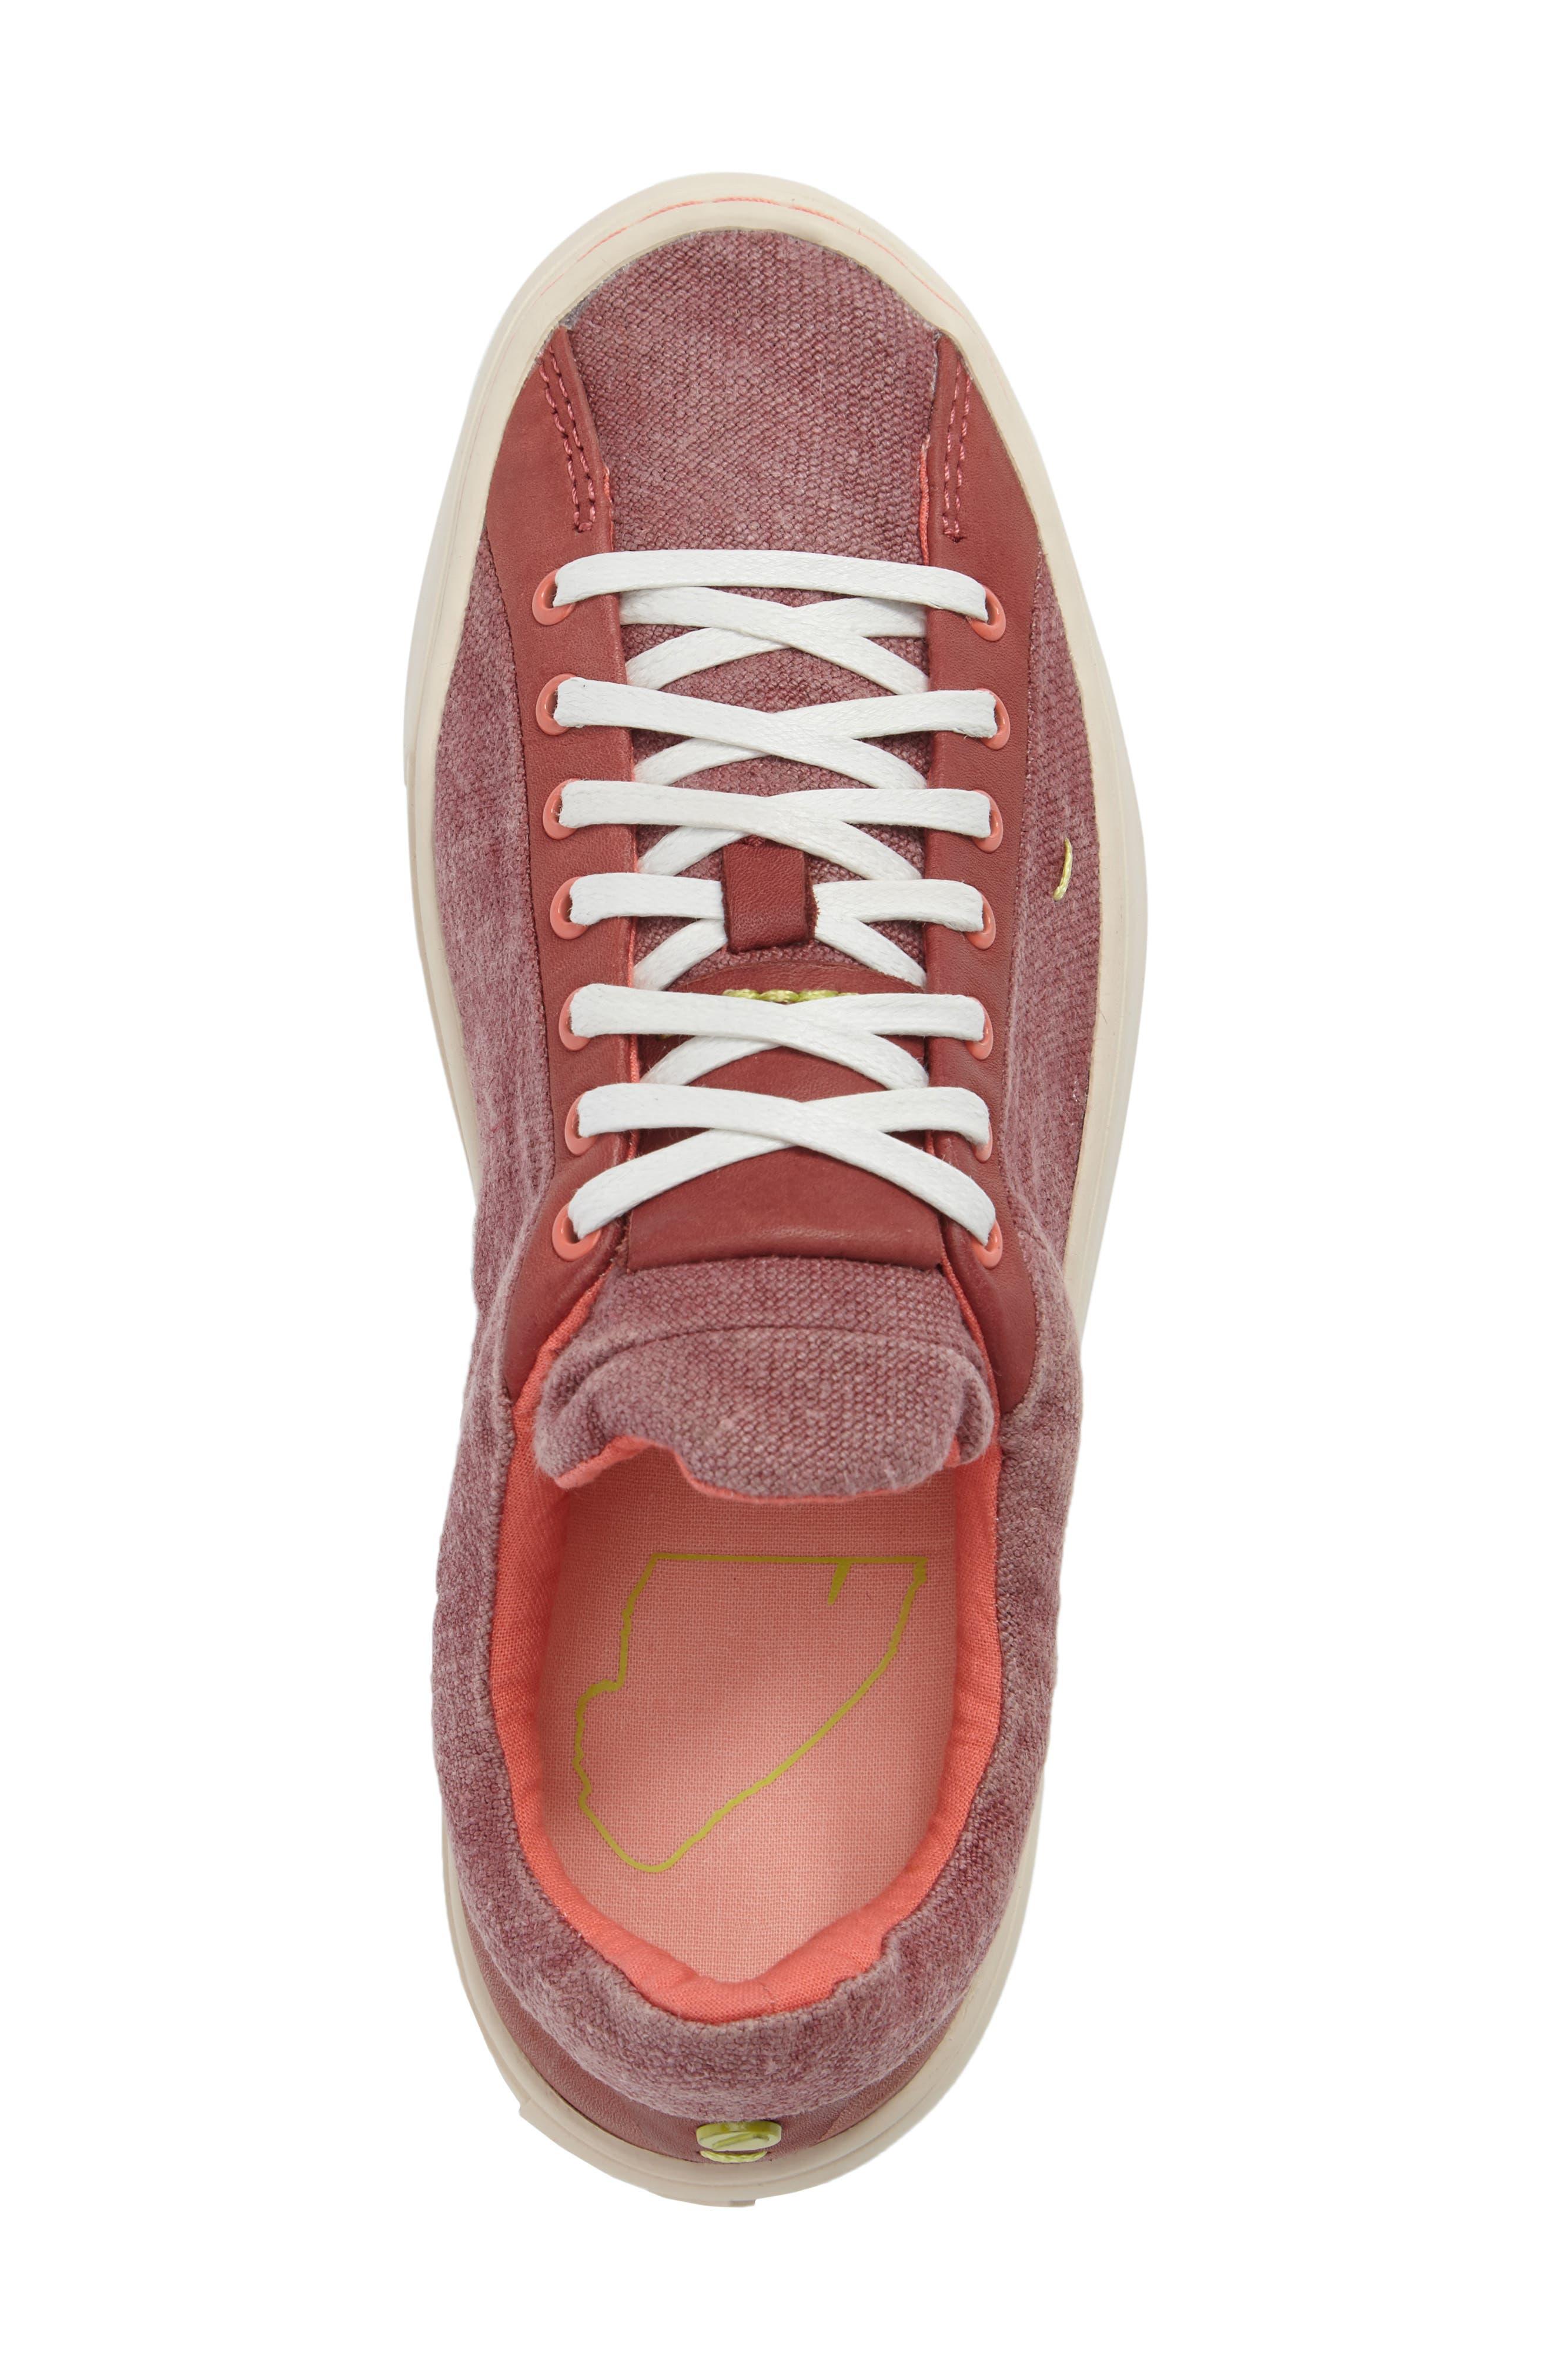 Somerville Sneaker,                             Alternate thumbnail 5, color,                             Sandalwood Fabric